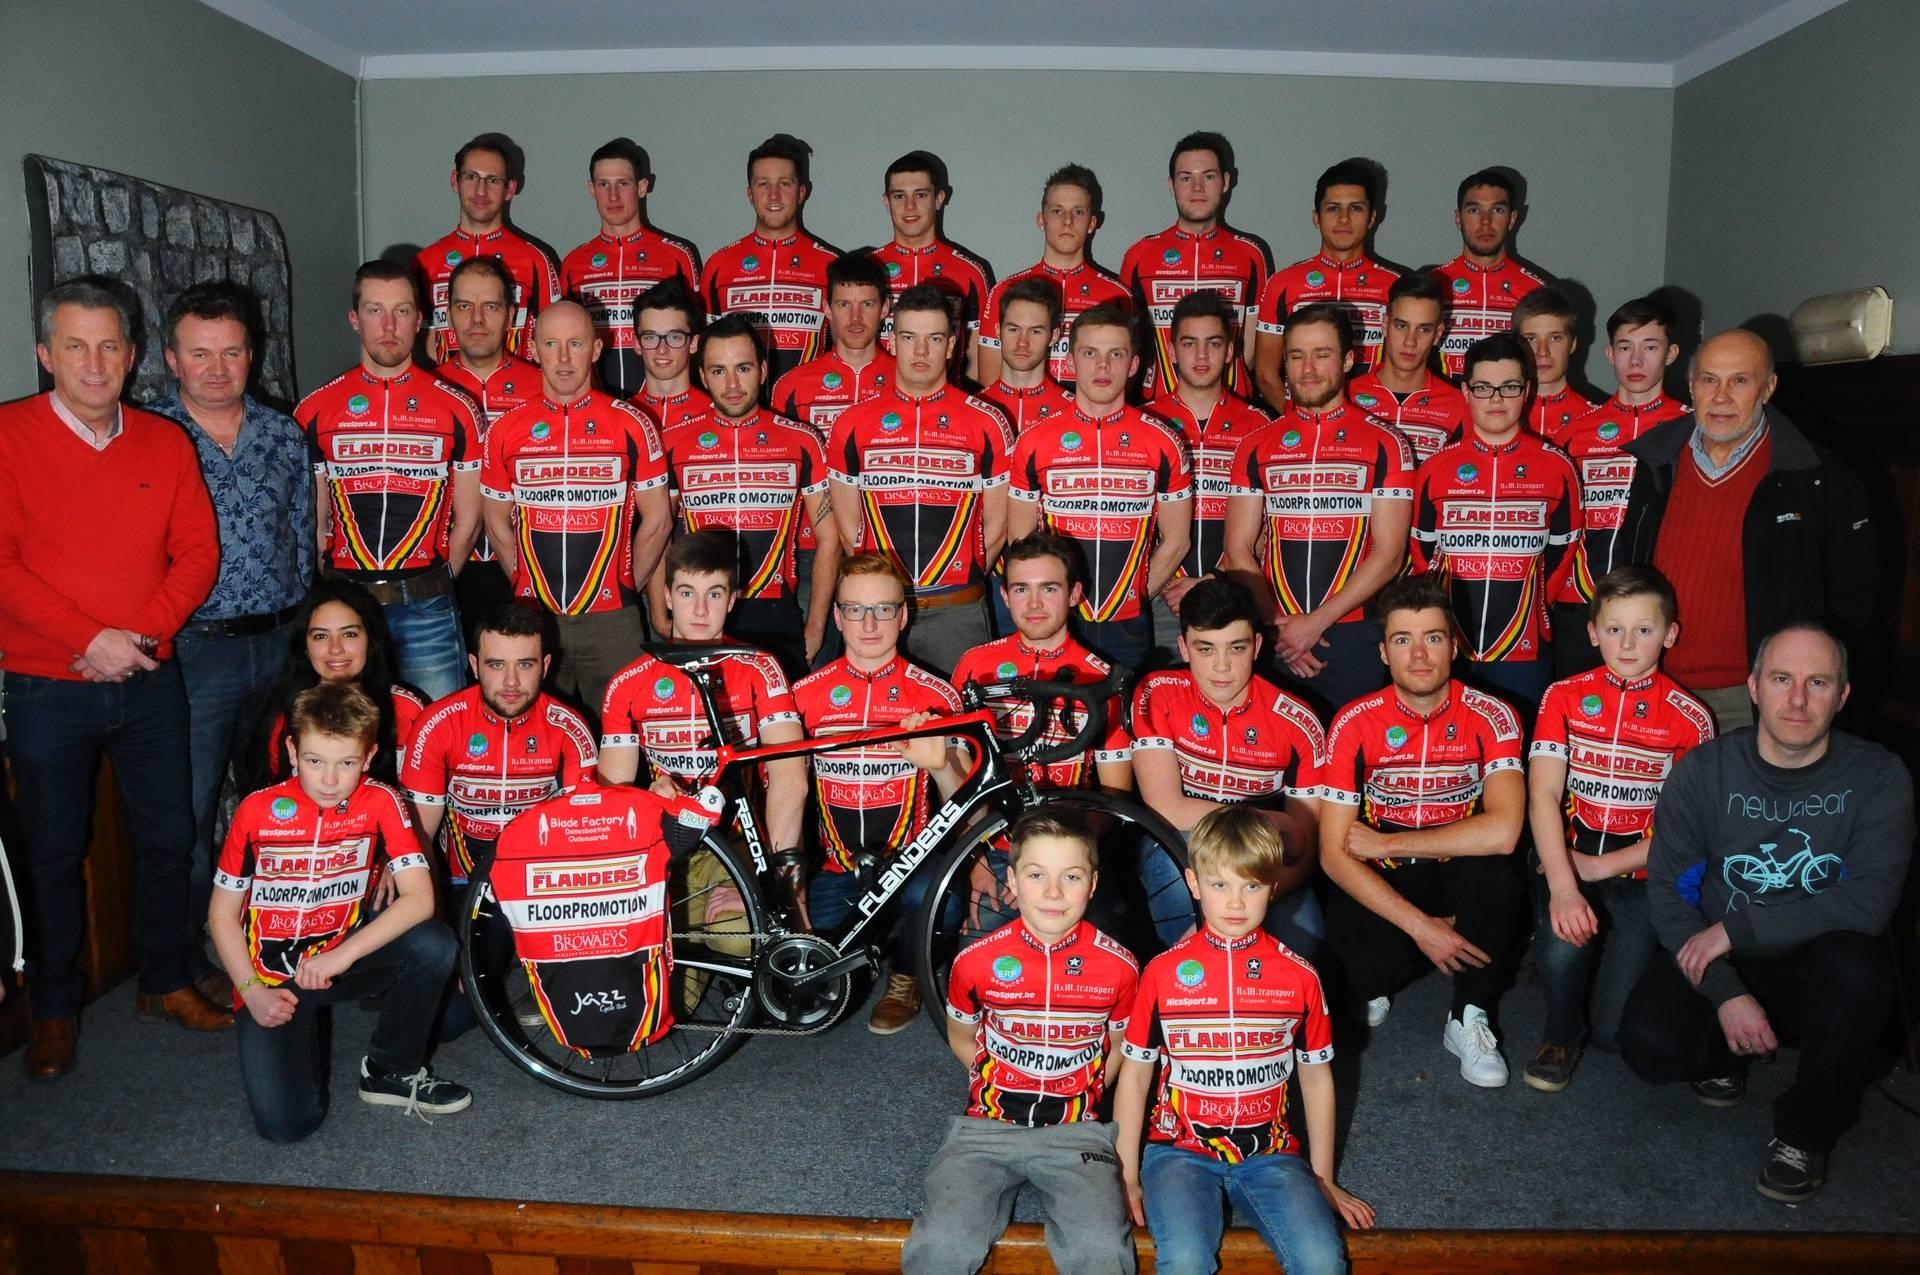 ASFRA Racing Team is based out of Flanders Cycles in Oudenaarde